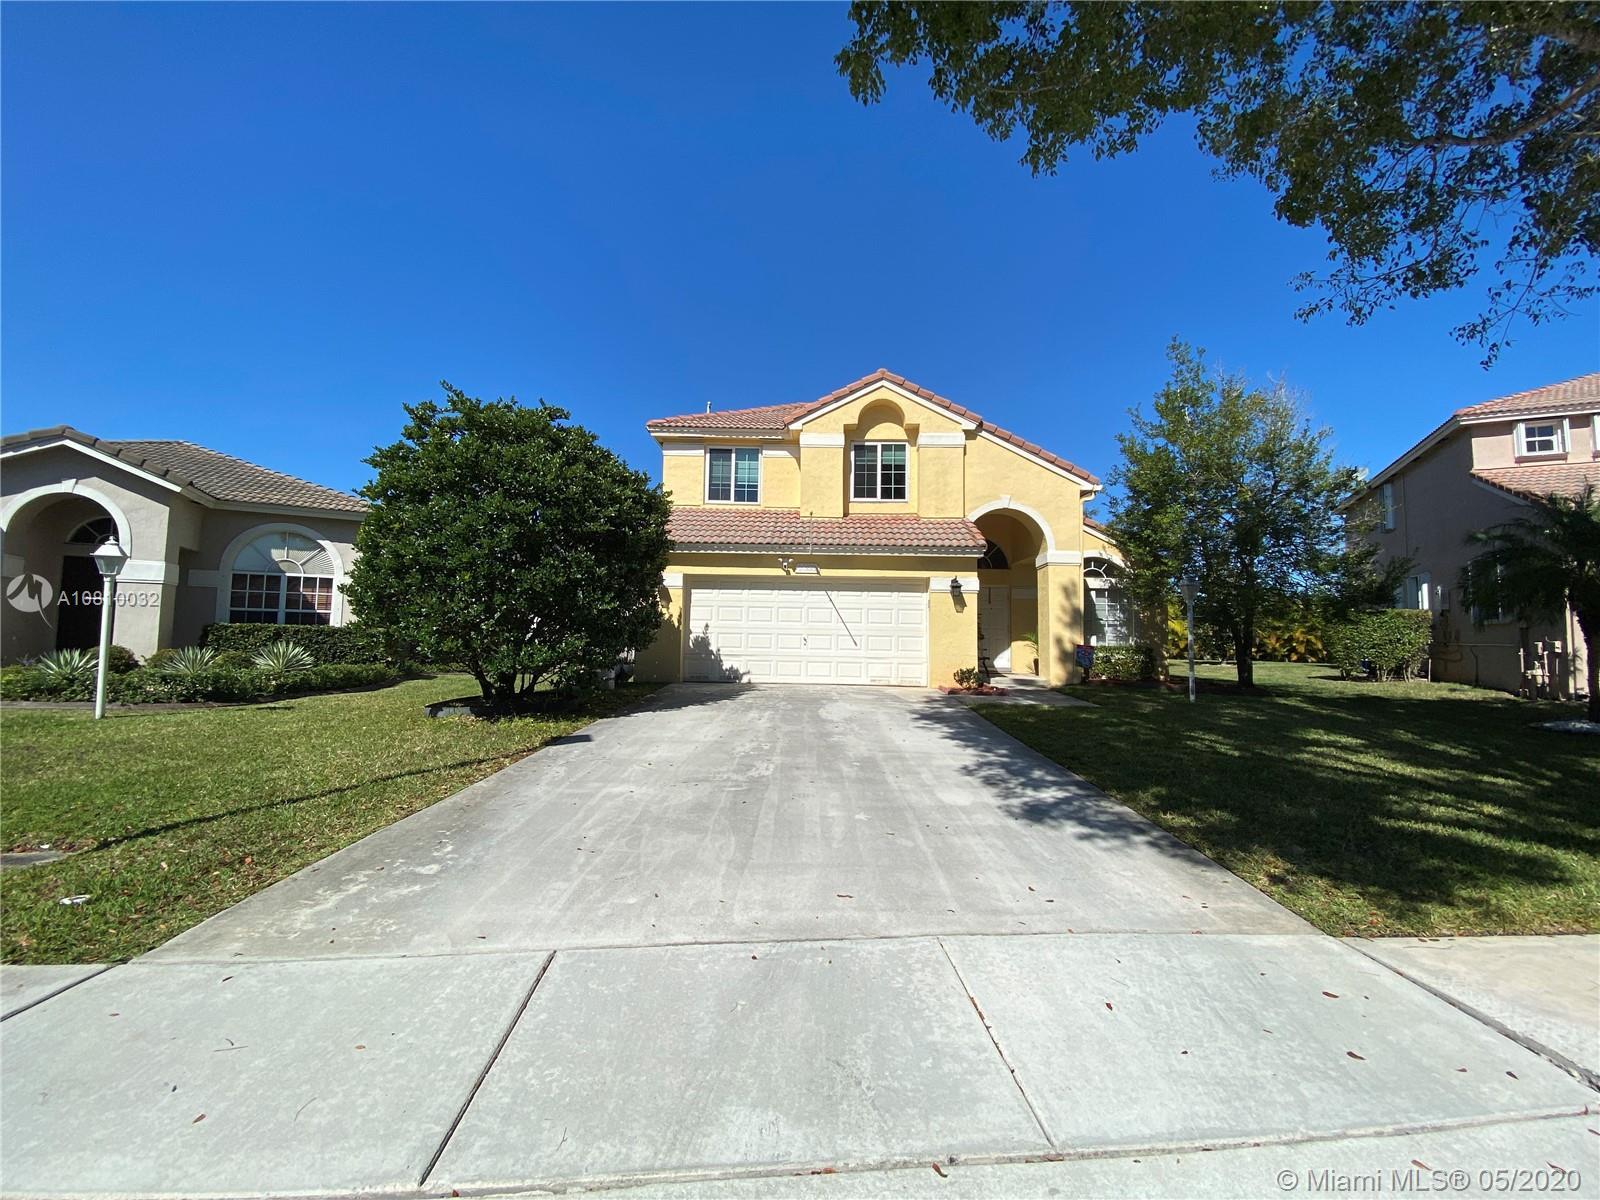 14295 NW 23rd St, Pembroke Pines, FL 33028